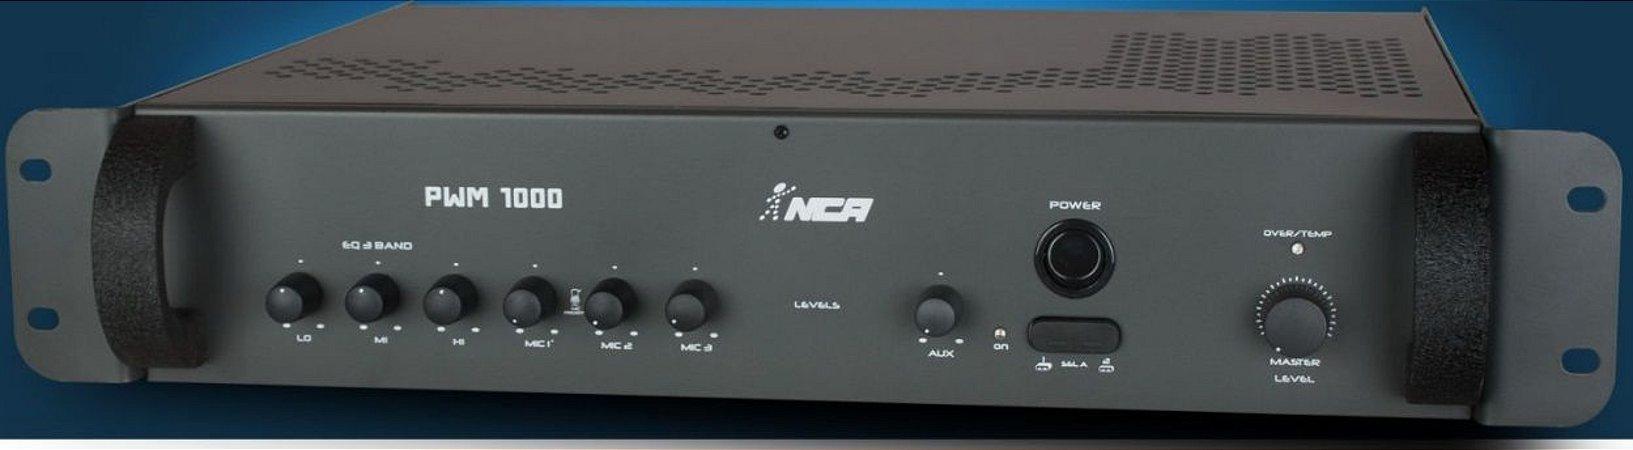 Pré-Amplificador mixer PWM 1000 NCA